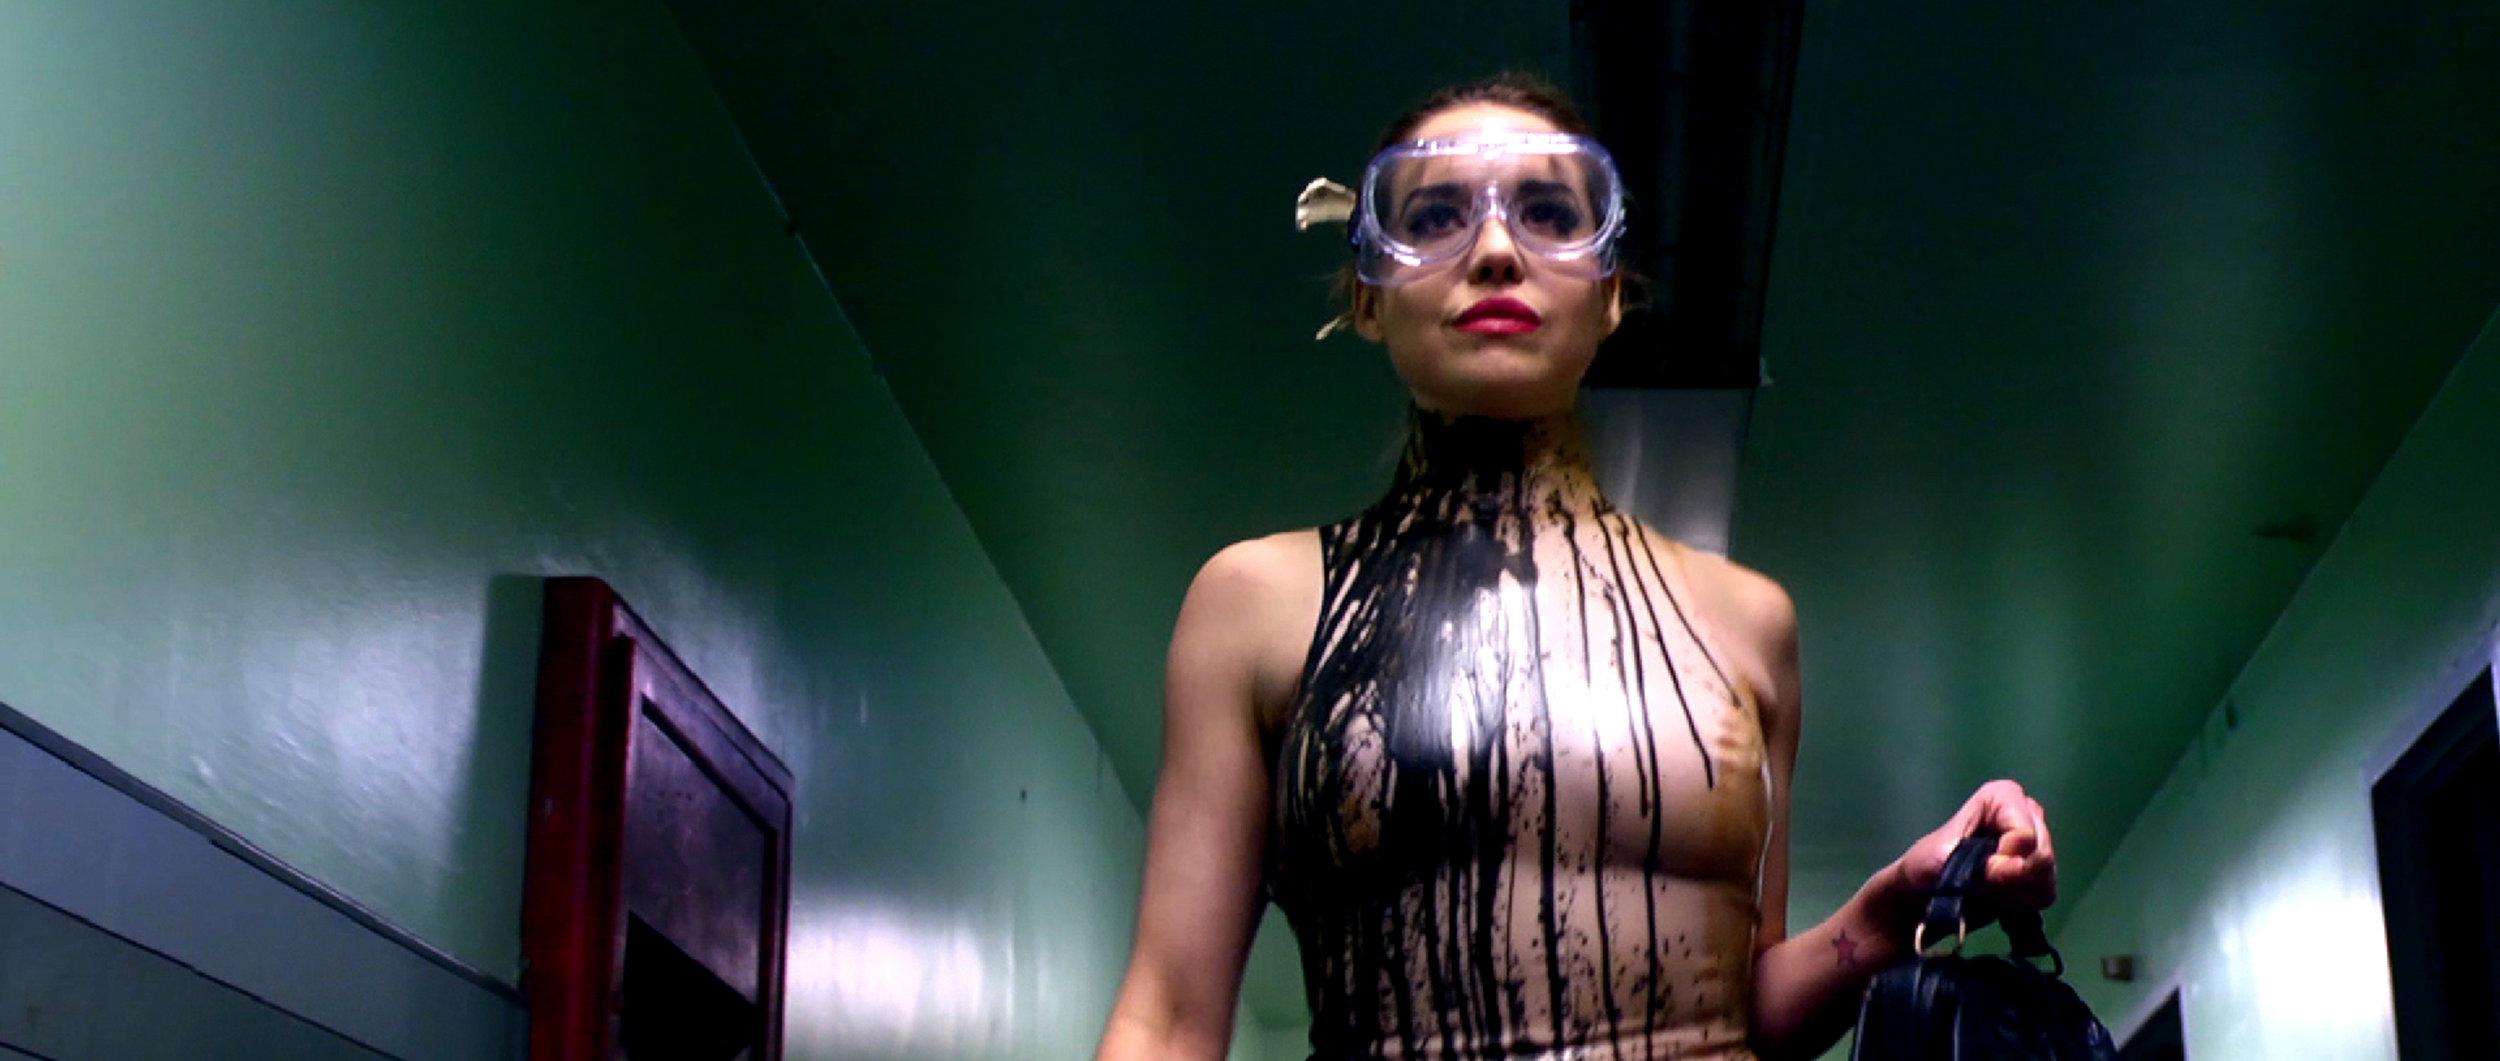 I am Monster - Shannon Lark - hallway.jpg